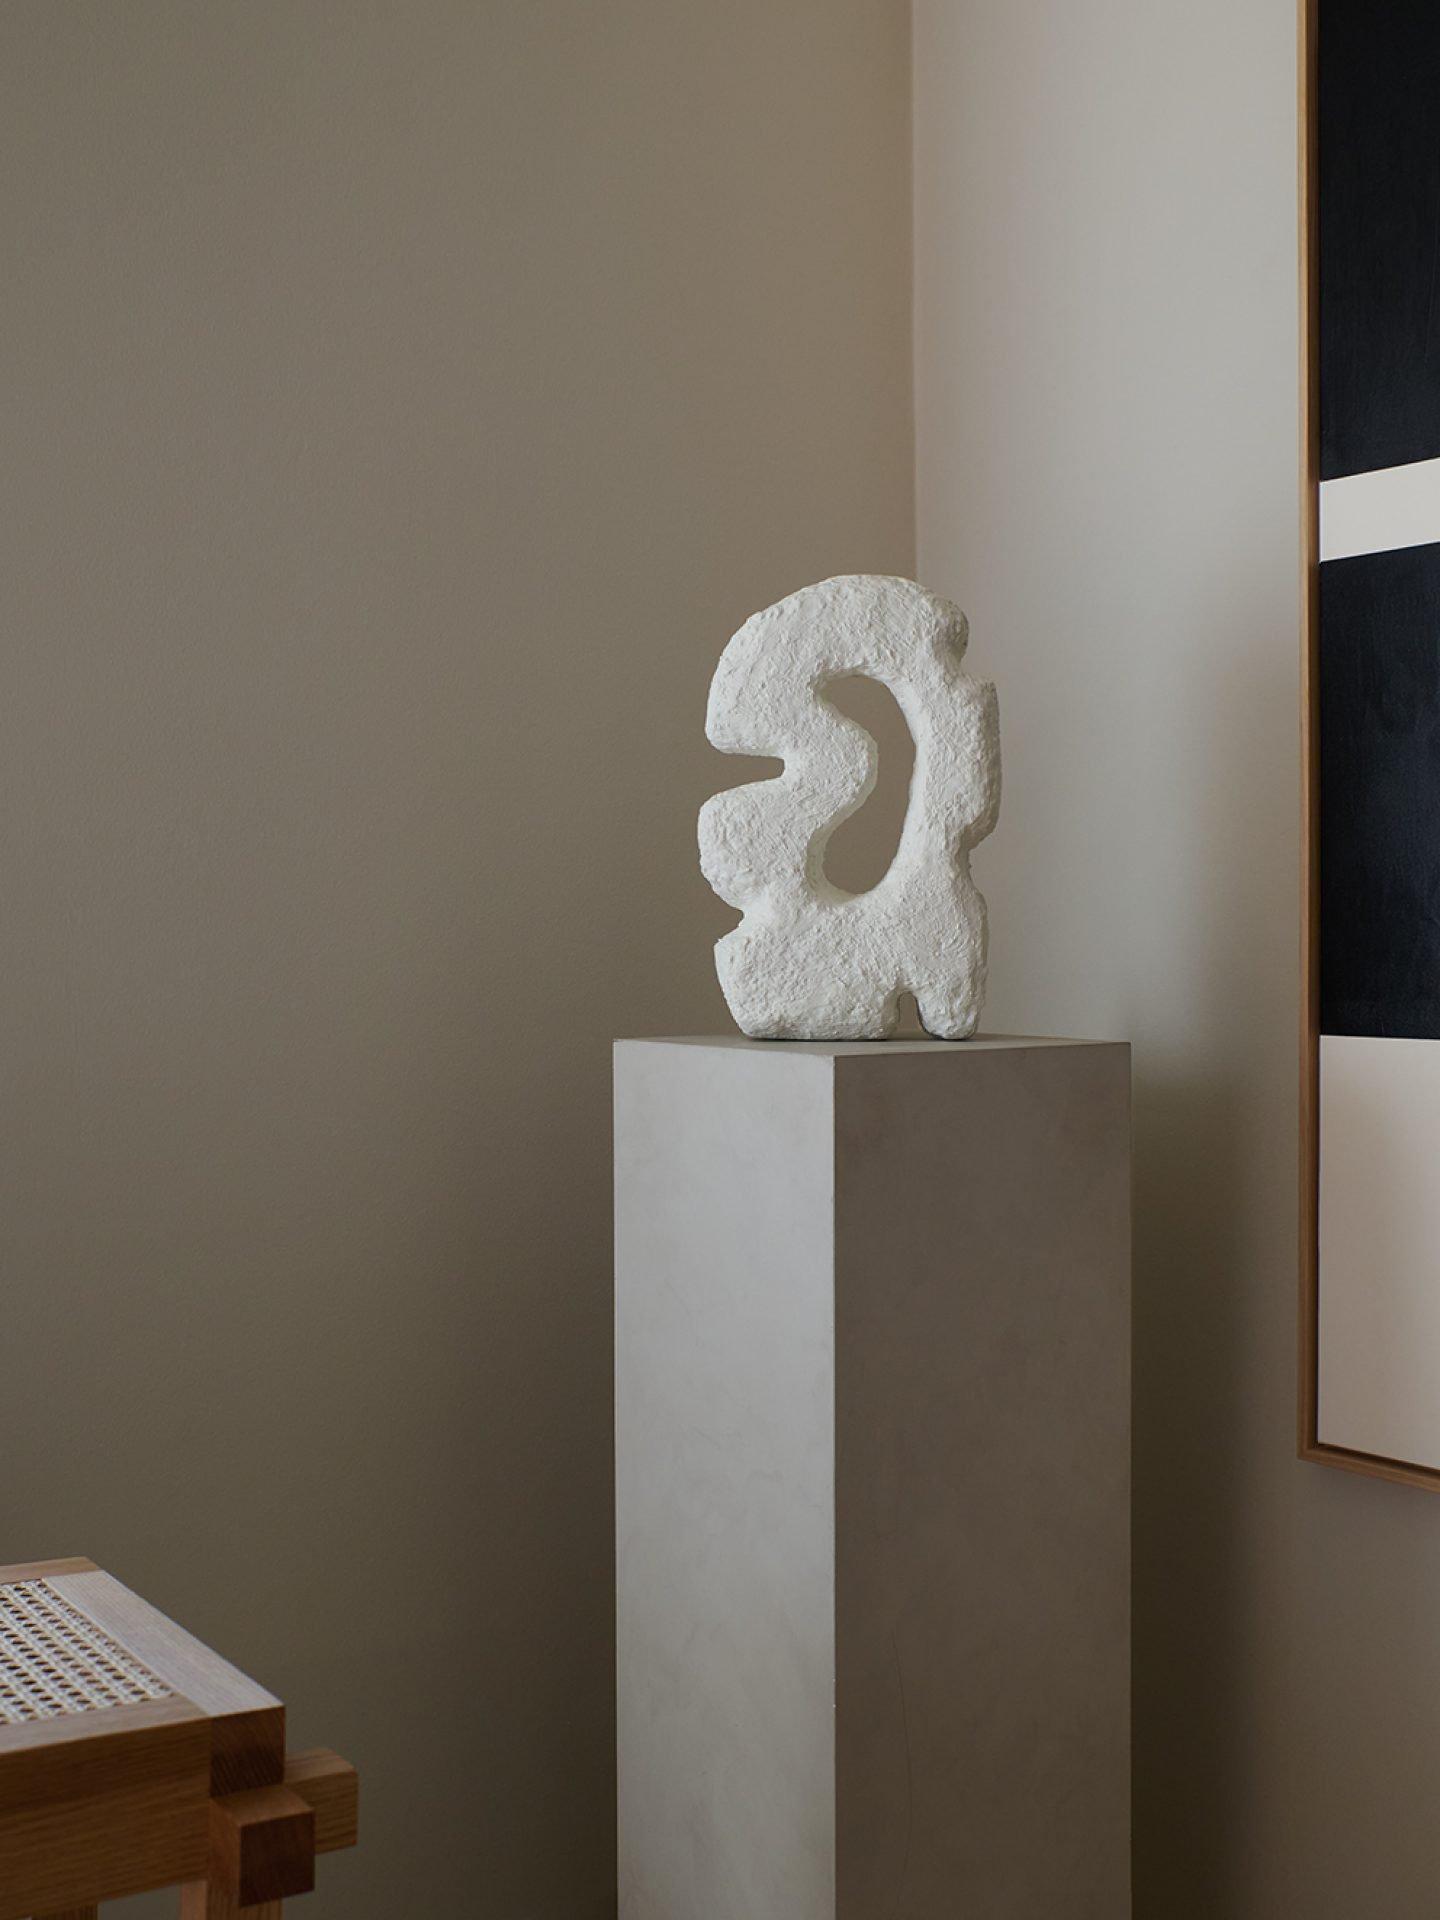 IGNANT-ART-Sculpture-Alium-13